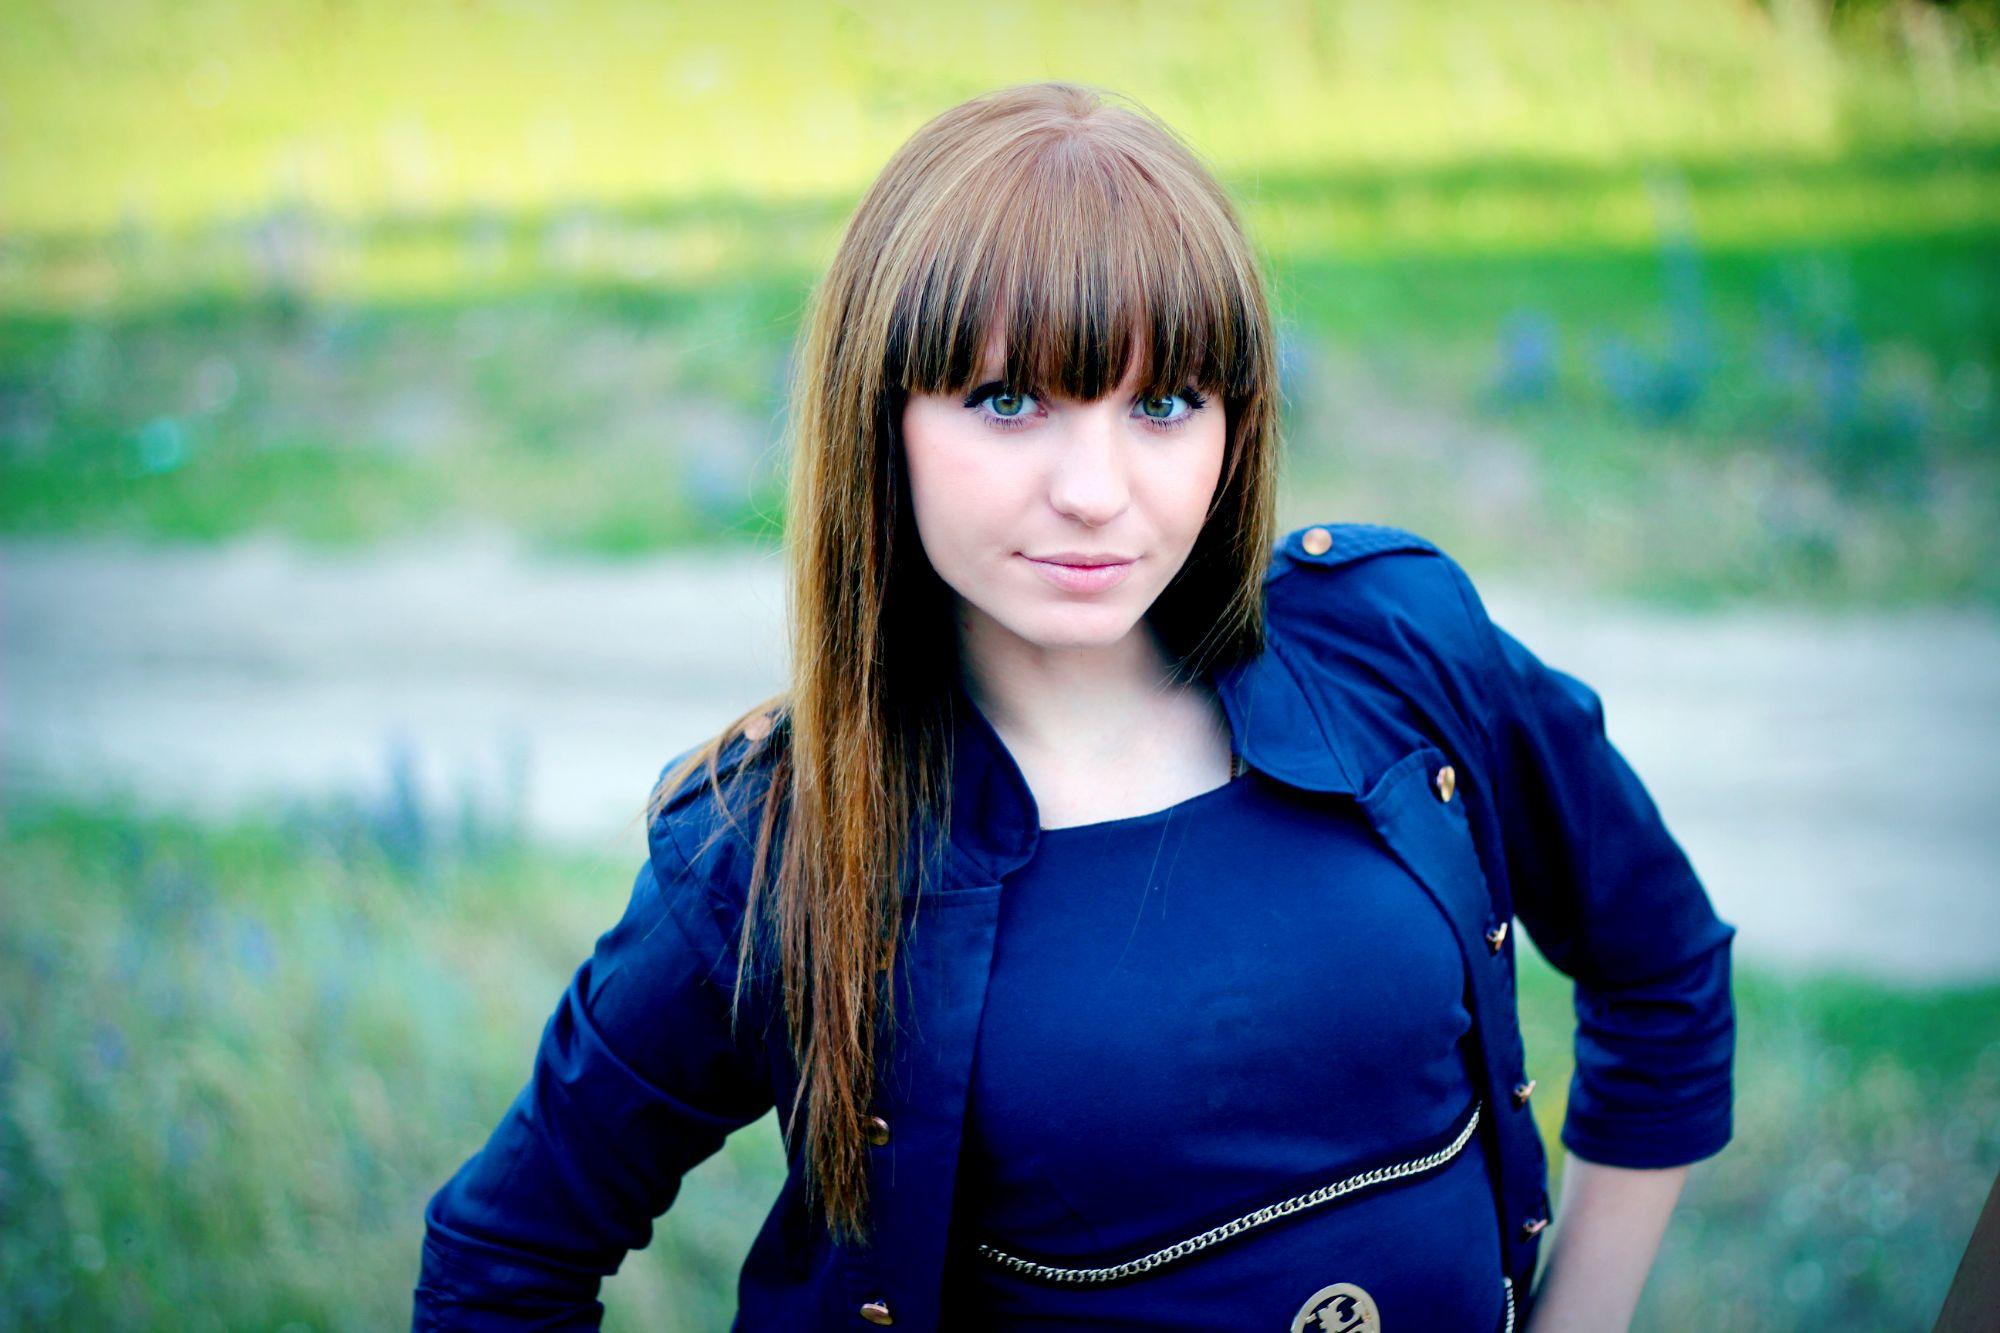 много фотографий русских девушек - 10